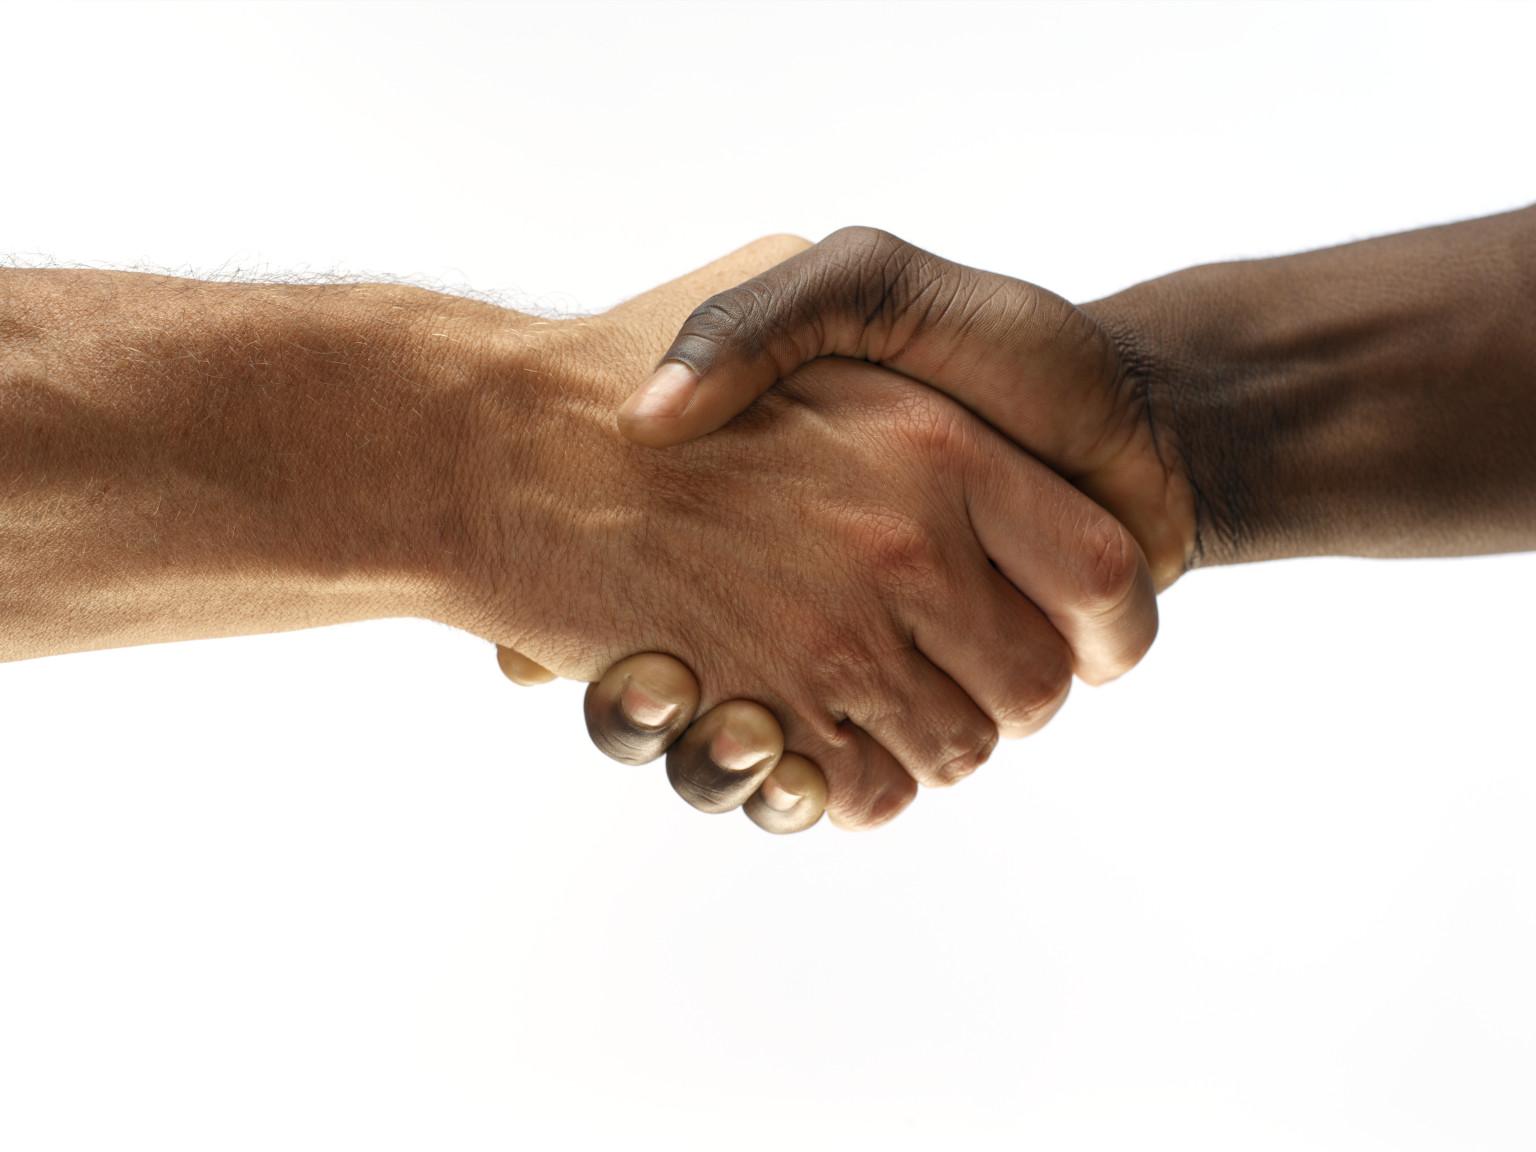 Reconciliation | The Rev. Jacqueline J. Lewis, Ph.D.